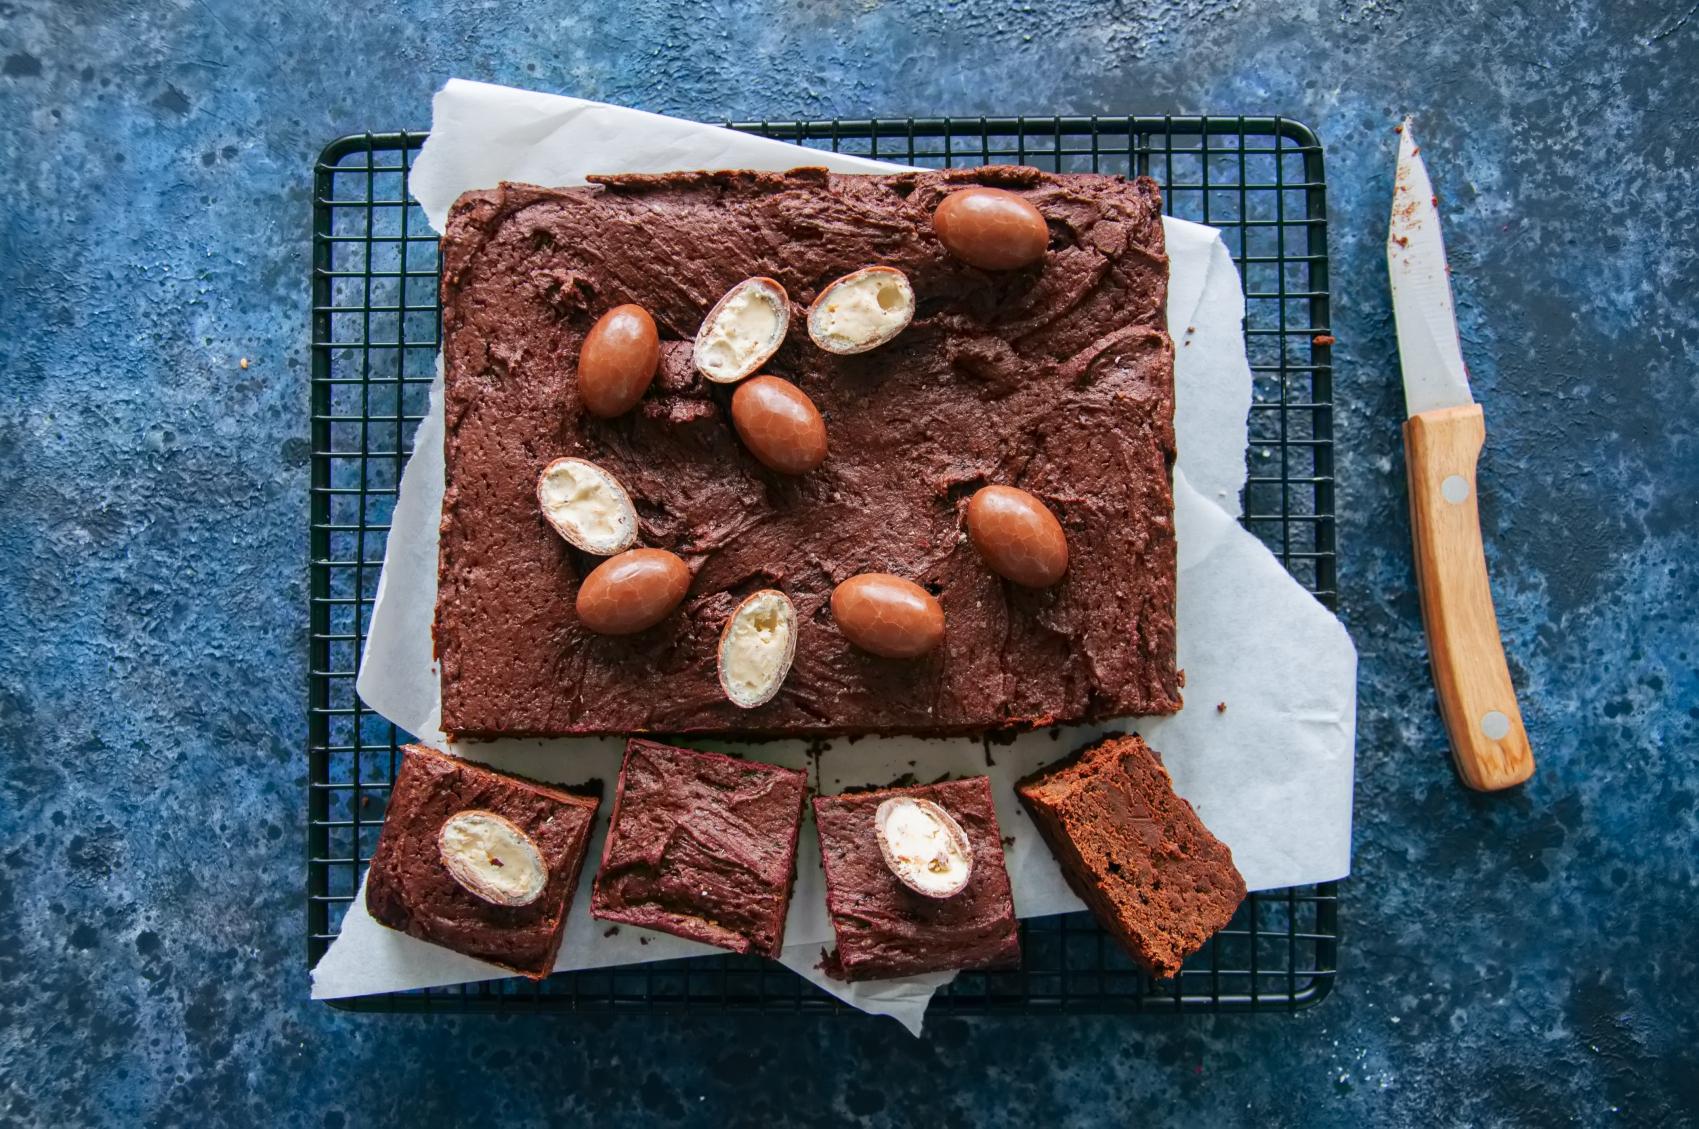 Wielkanoc: Zdrowe ciasto czekoladowe brownie od Anny Lewandowskiej [PRZEPIS]